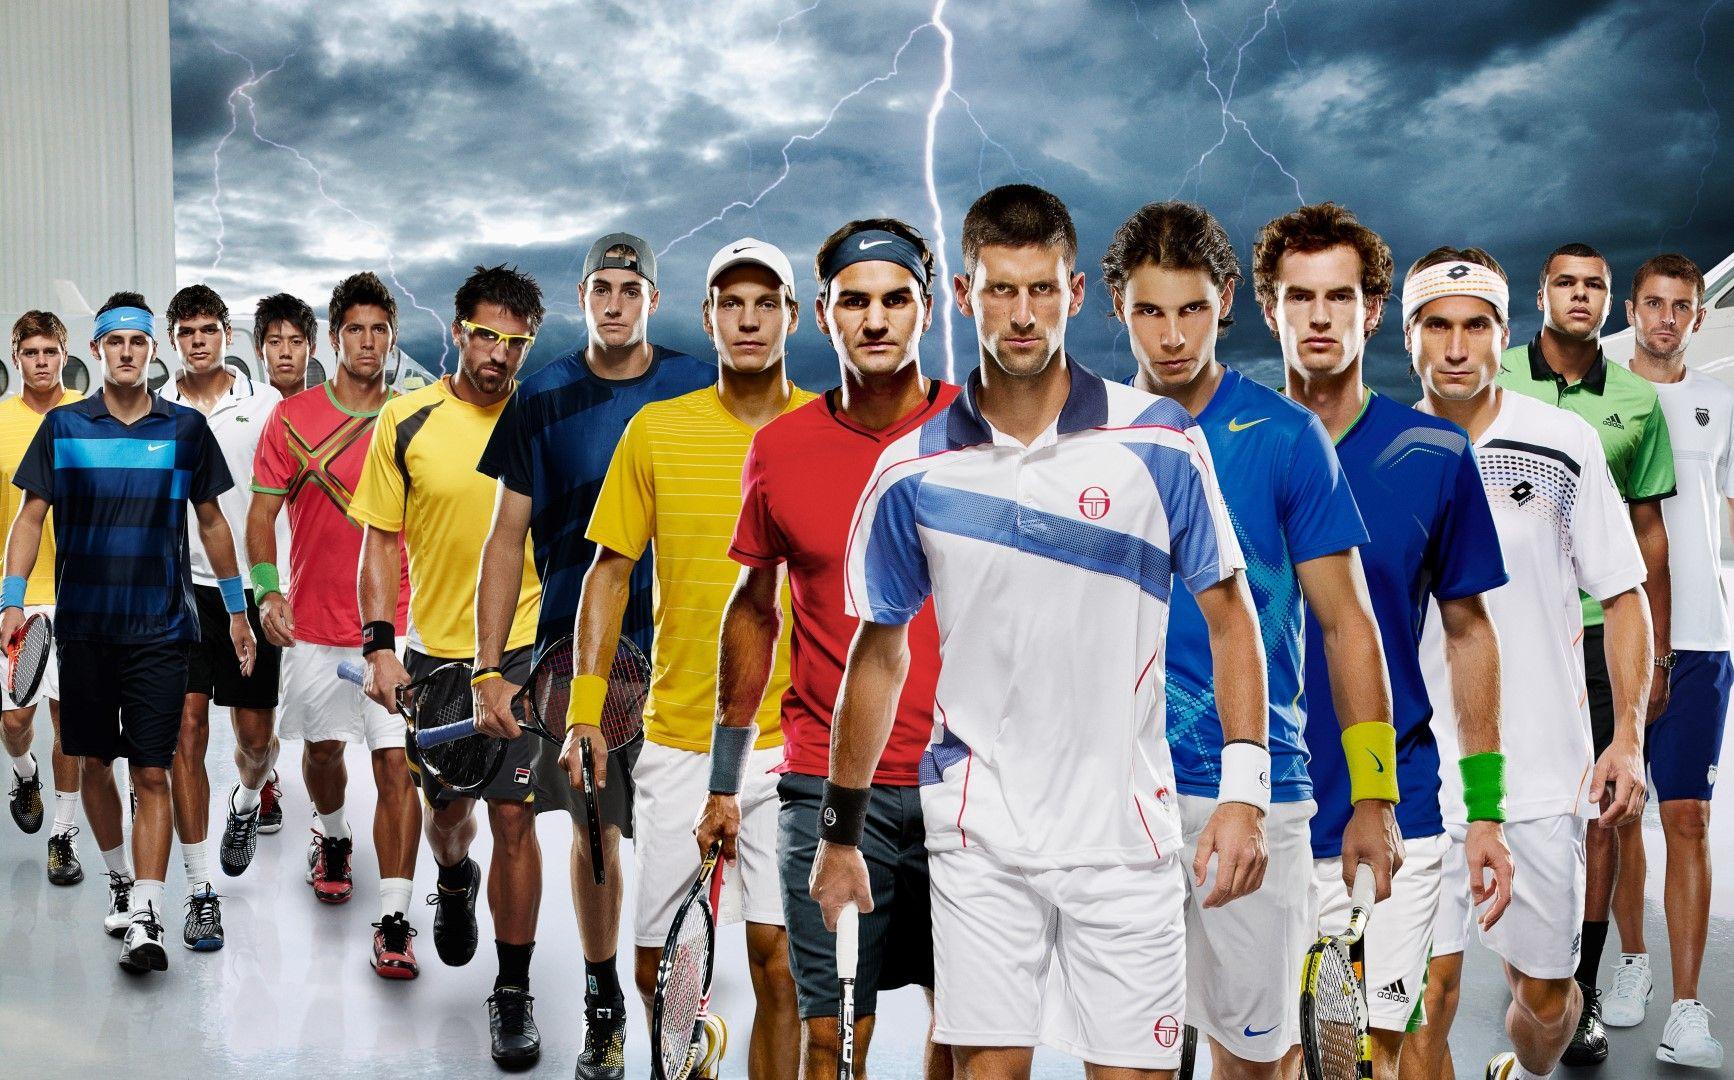 Времената, в които Новак бе №1 в световната ранглиста и в които оставяше Надал и Федерер зад себе си. Съвсем скоро може това да се повтори.